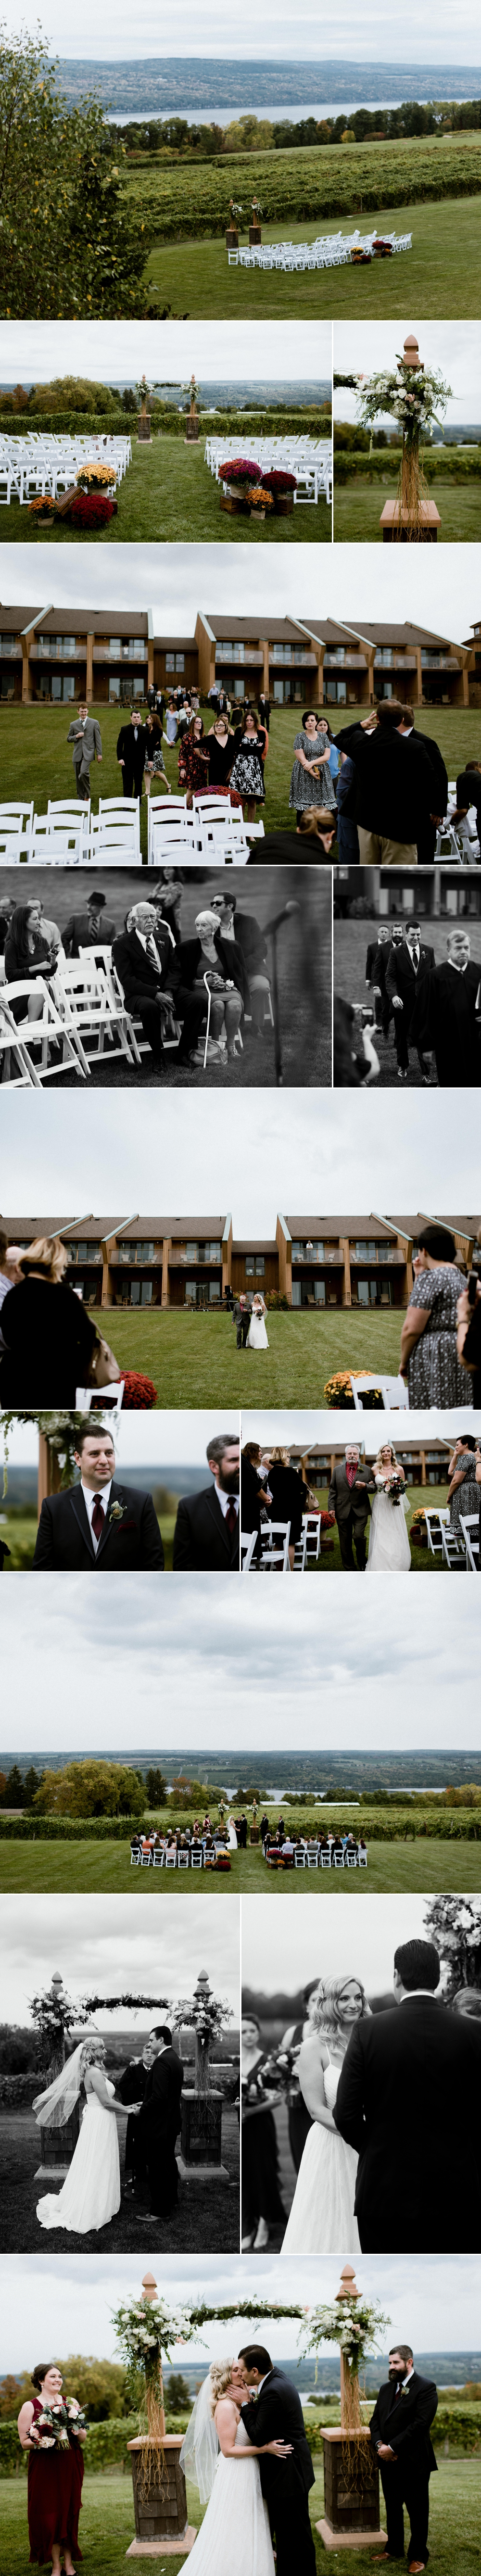 wedding 7.jpg